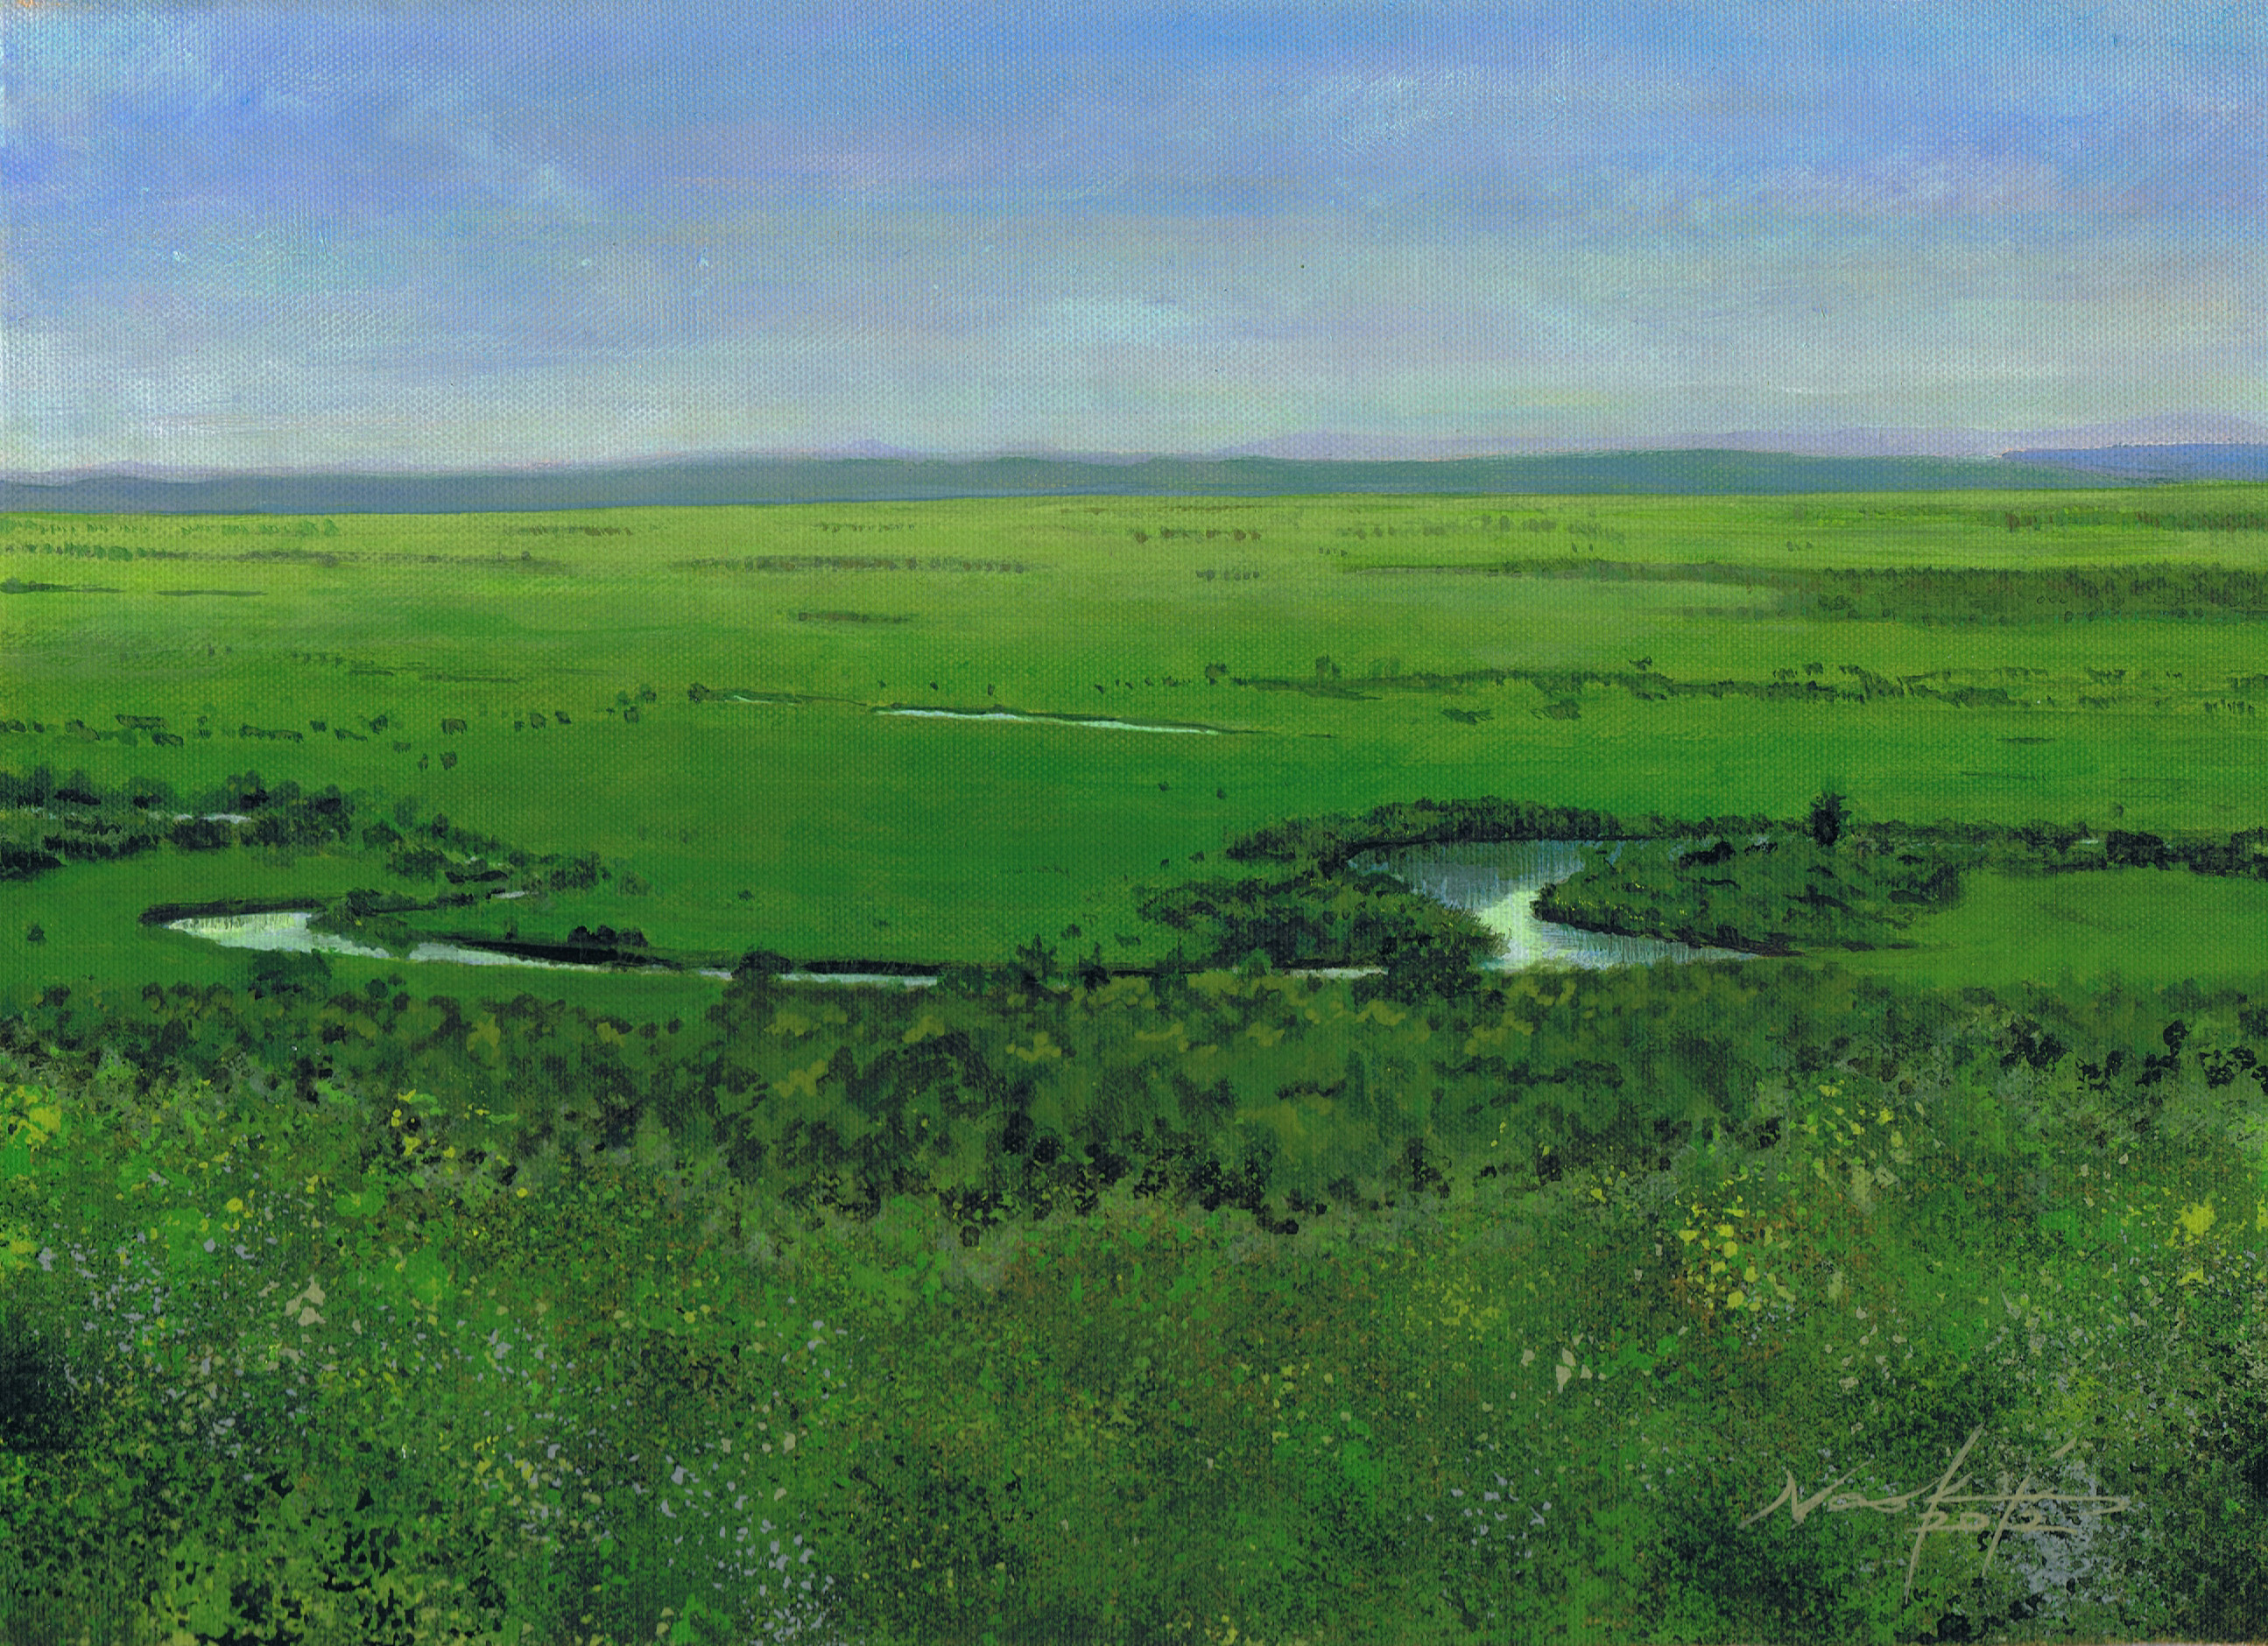 釧路湿原2012 松本直樹